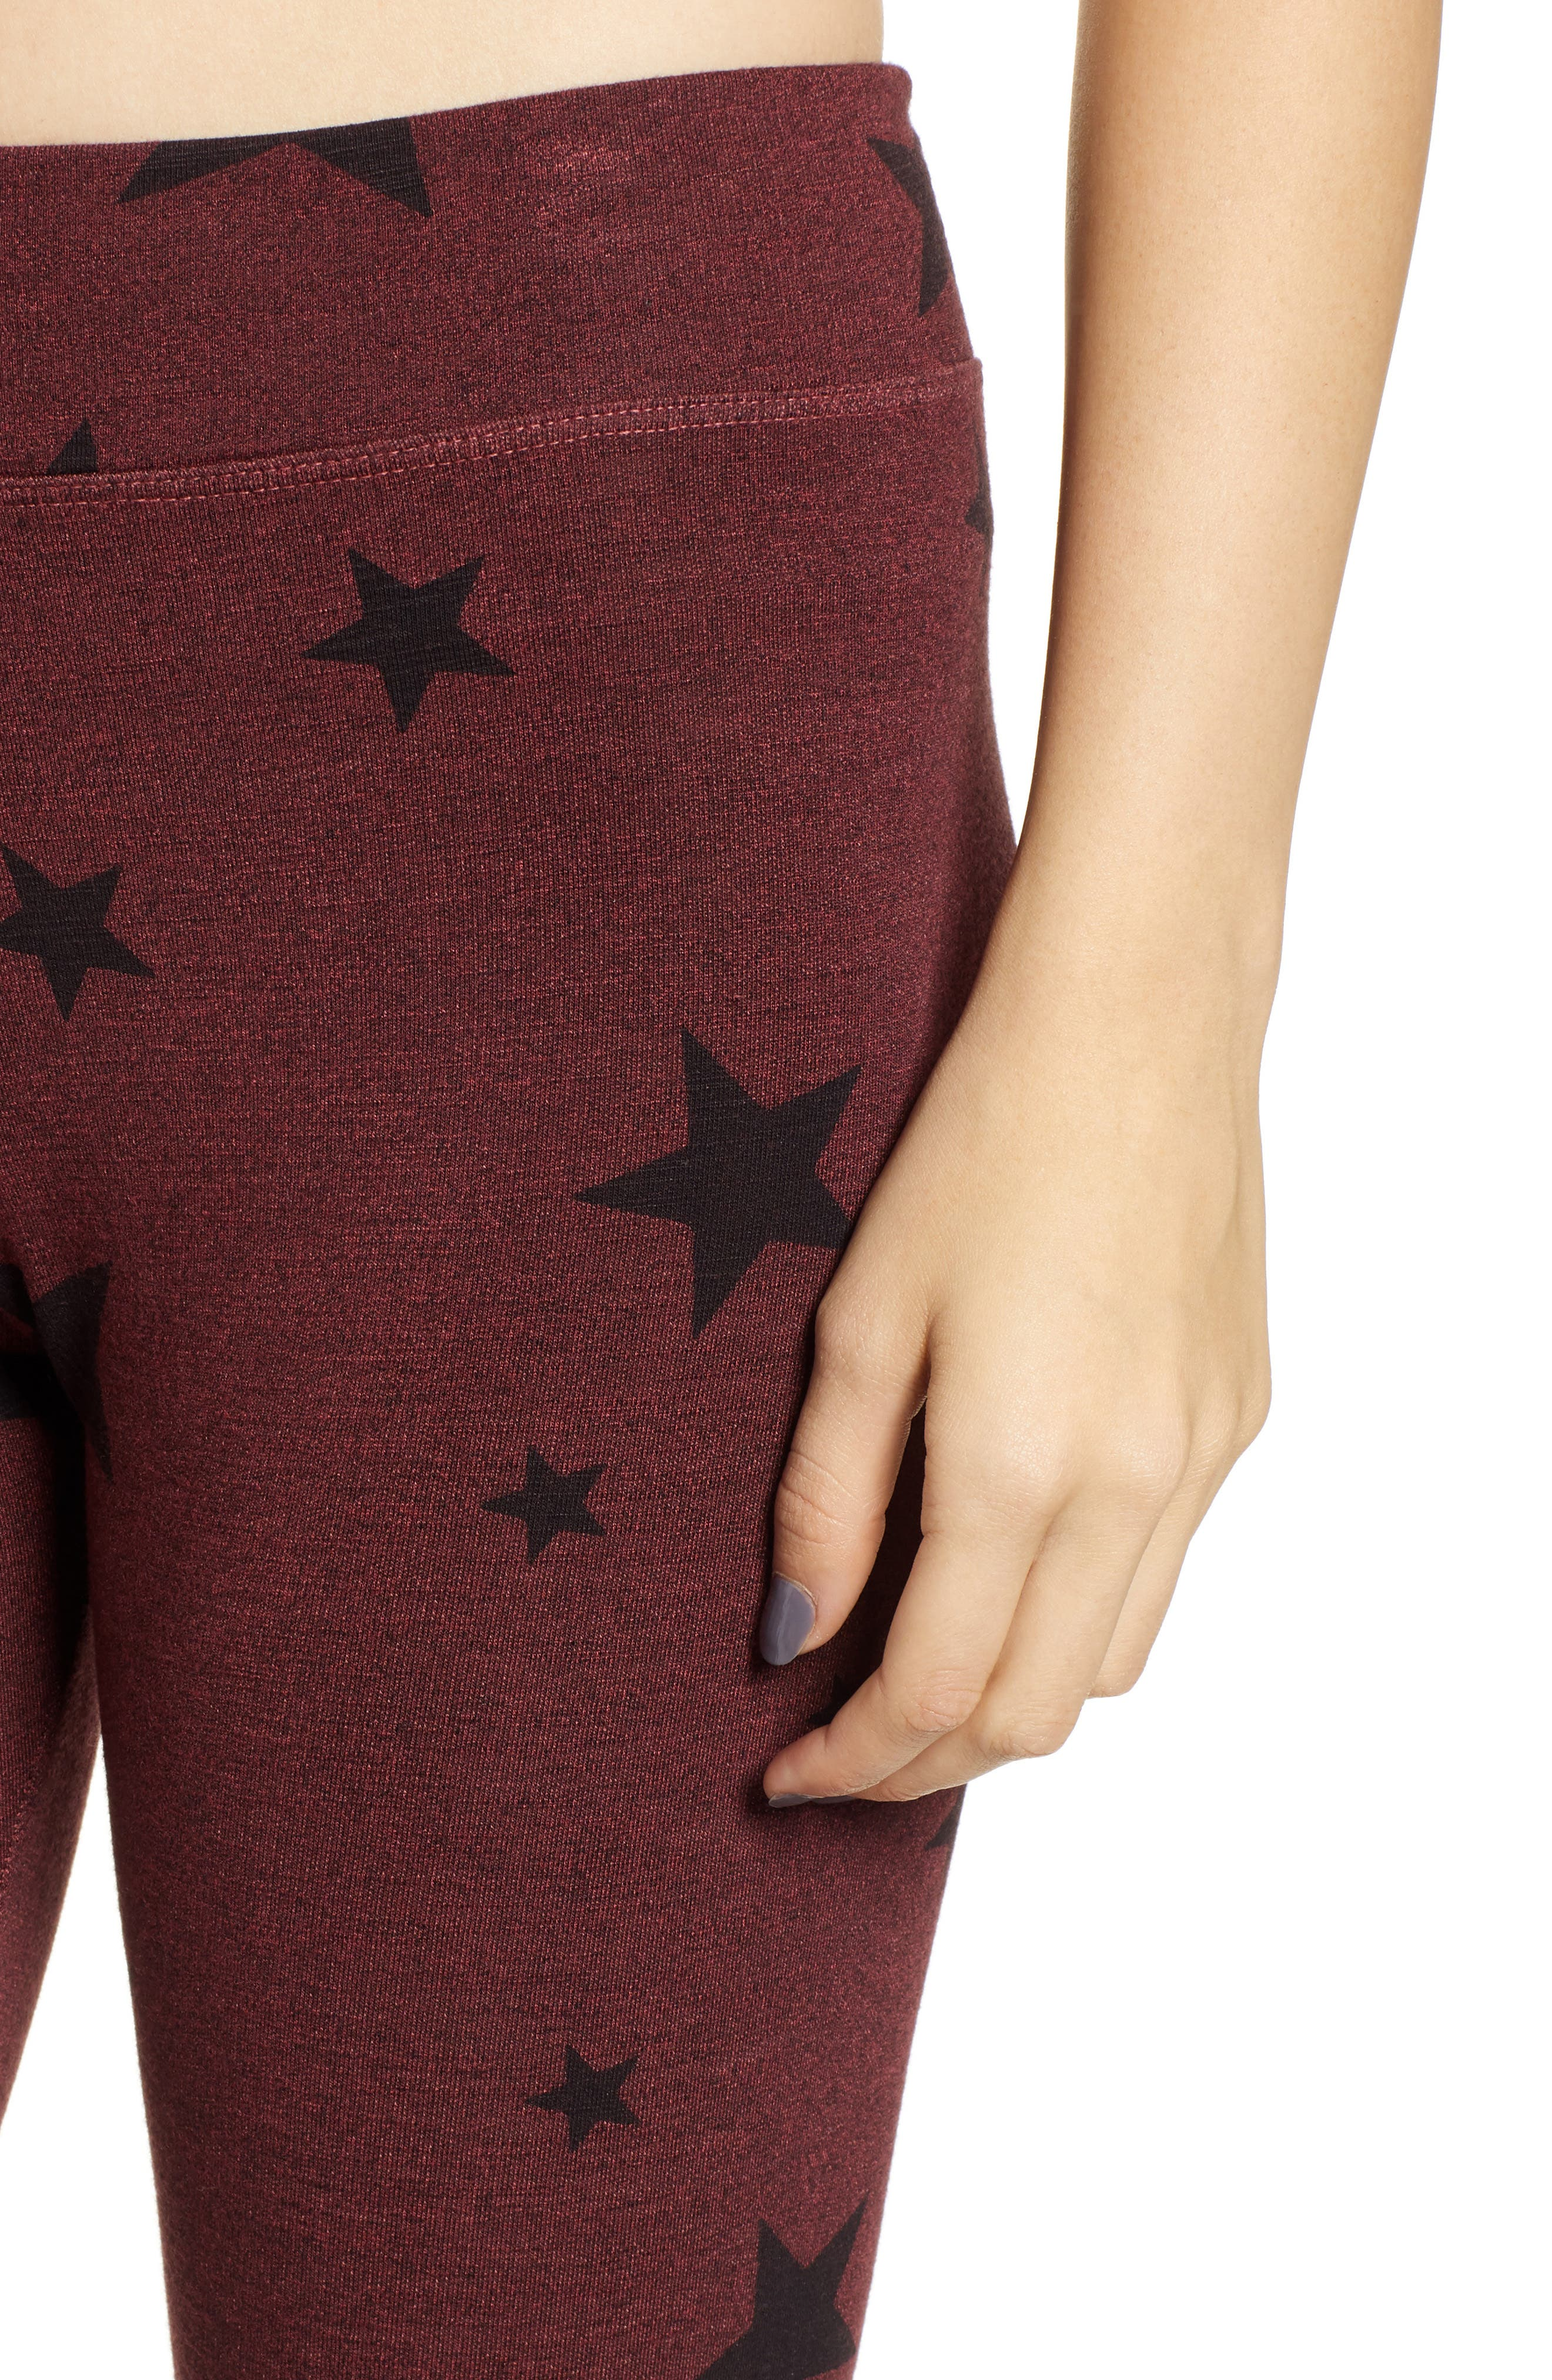 Stars Yoga Pants,                             Alternate thumbnail 4, color,                             931